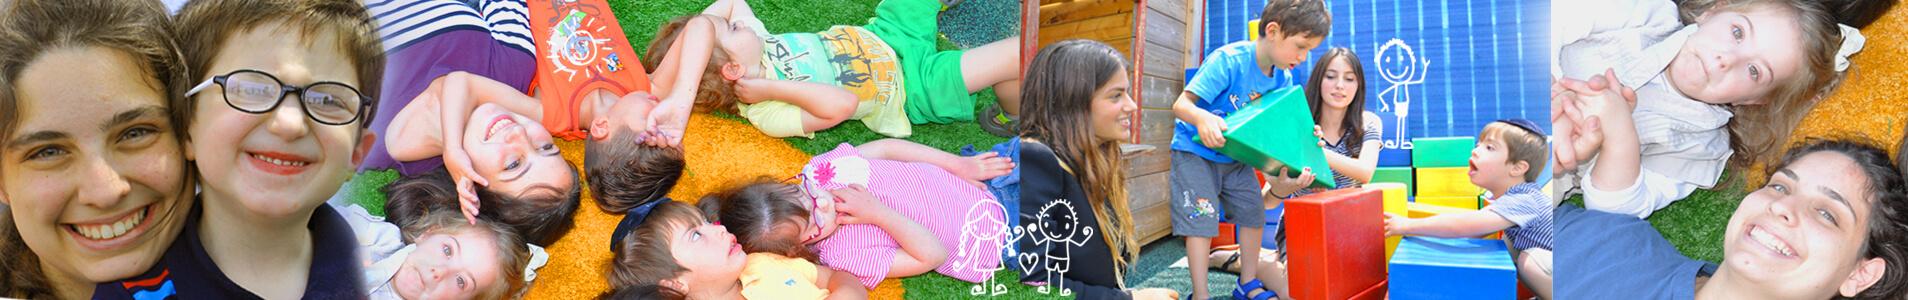 ילדים וצוות של וראיטי